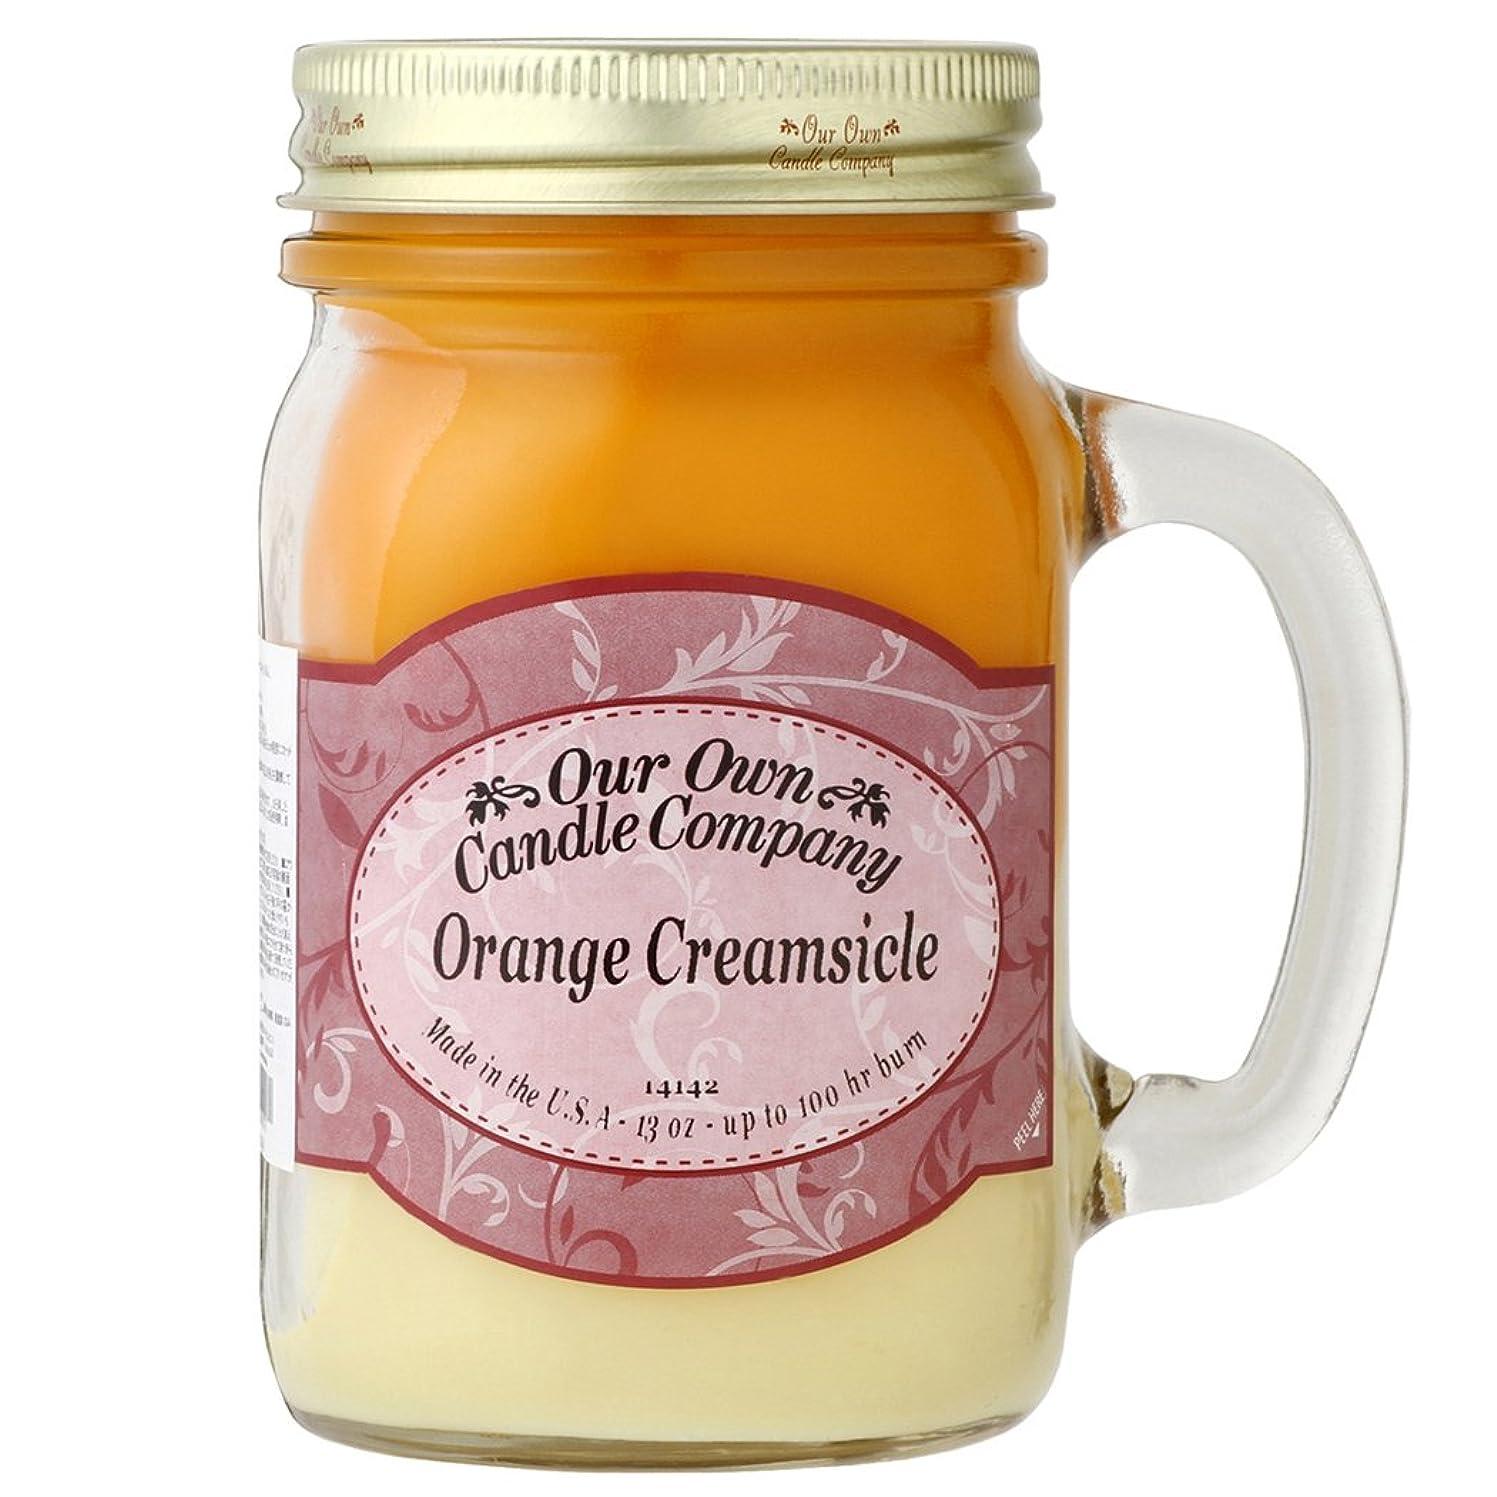 血統予想する過言Our Own Candle Company メイソンジャーキャンドル ラージサイズ オレンジクリームシルク OU100085